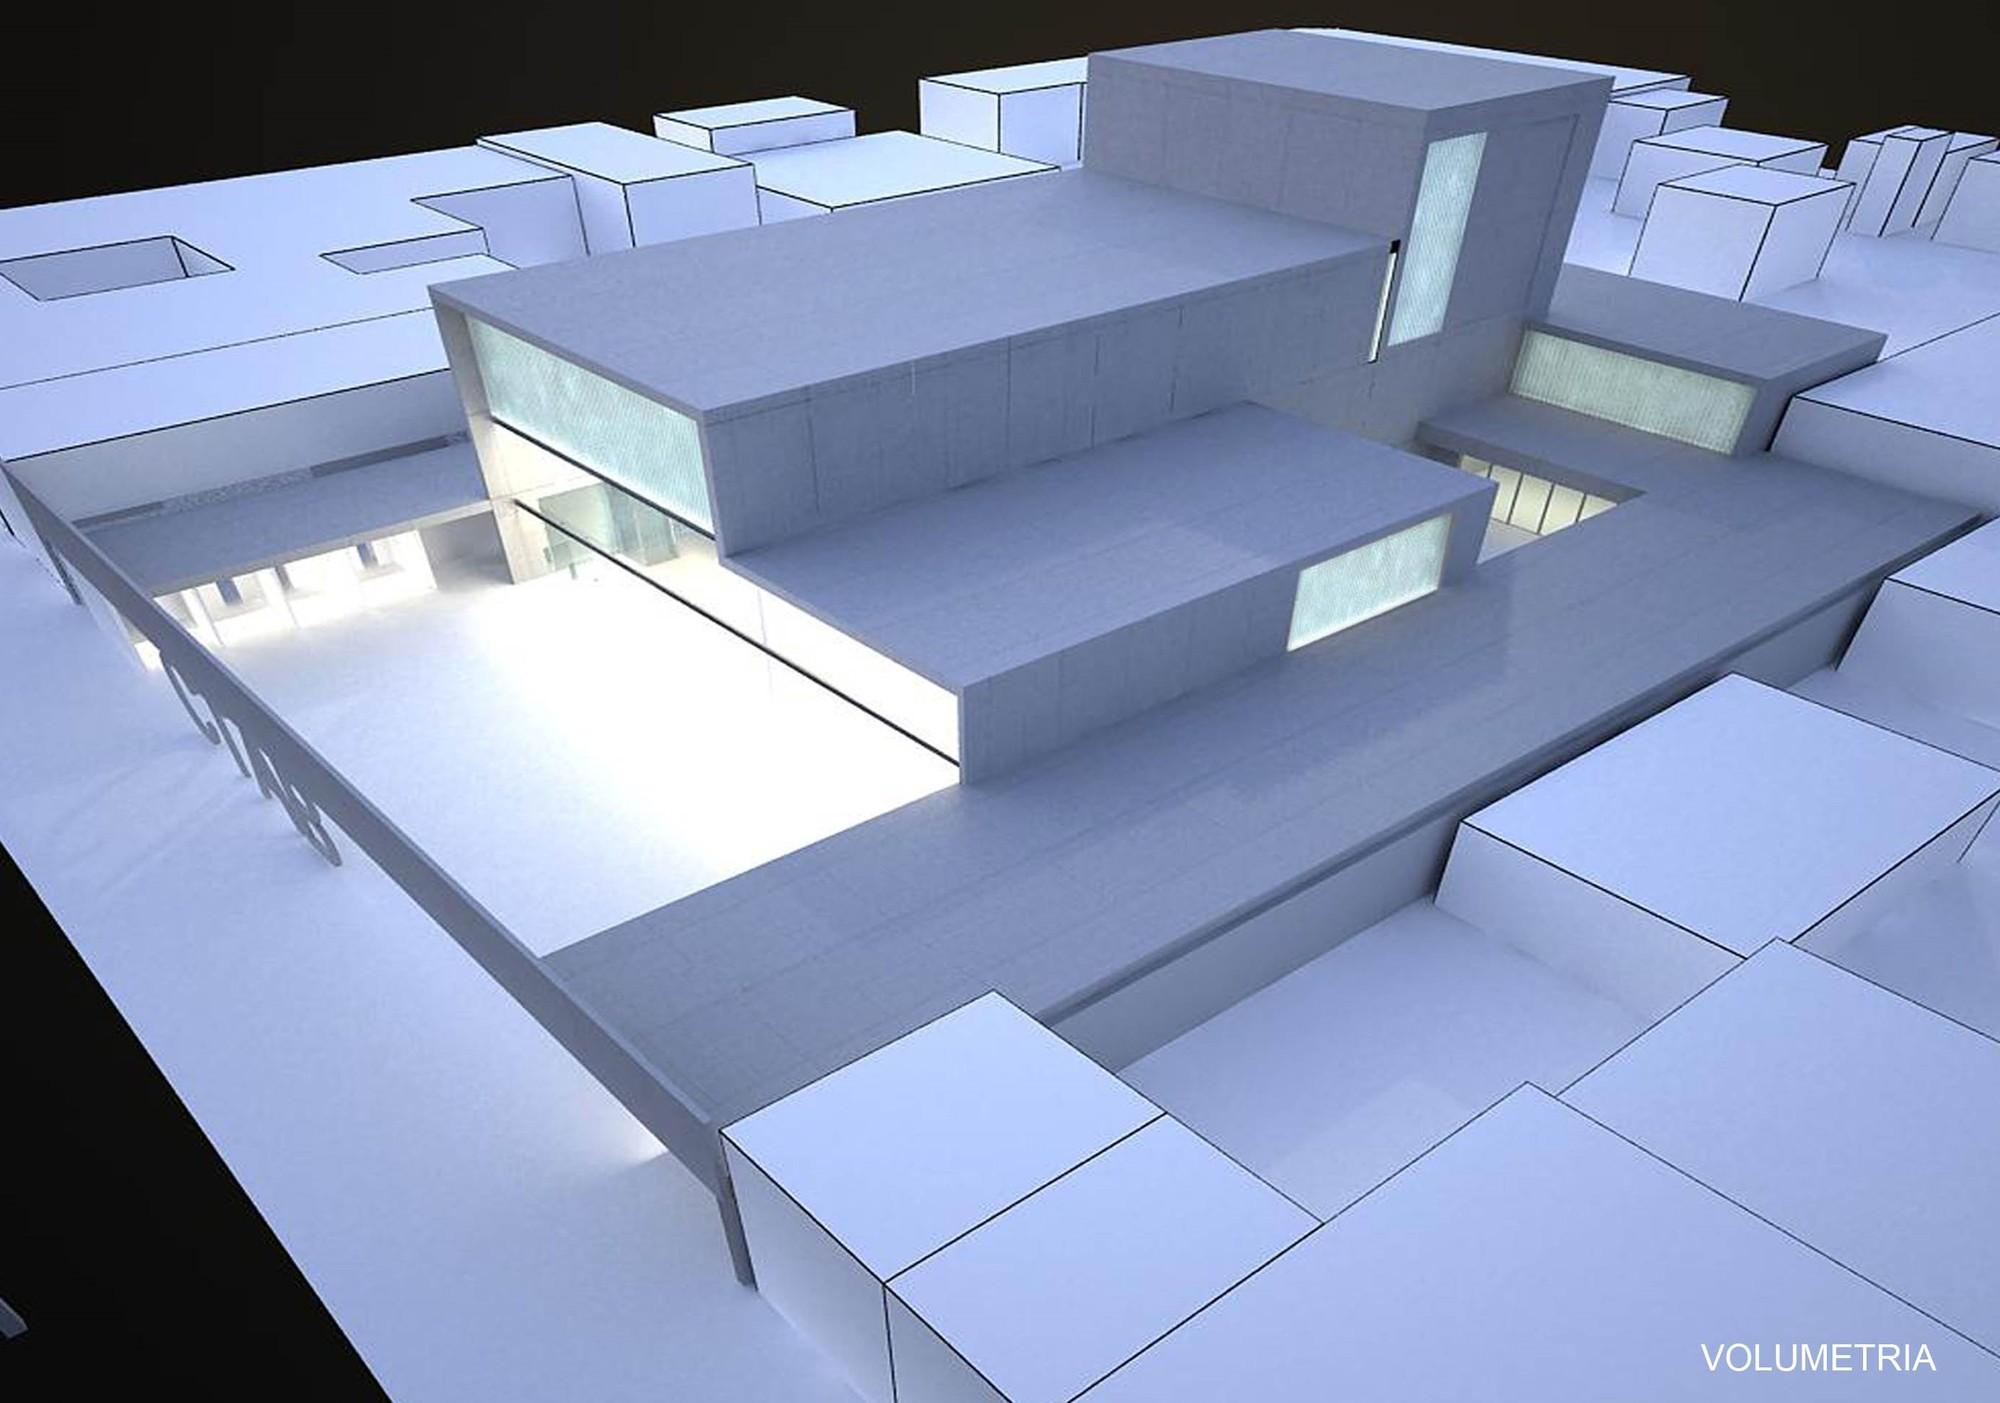 Primer Lugar. Image Courtesy of Colegio de Arquitectos de la Provincia de Buenos Aires